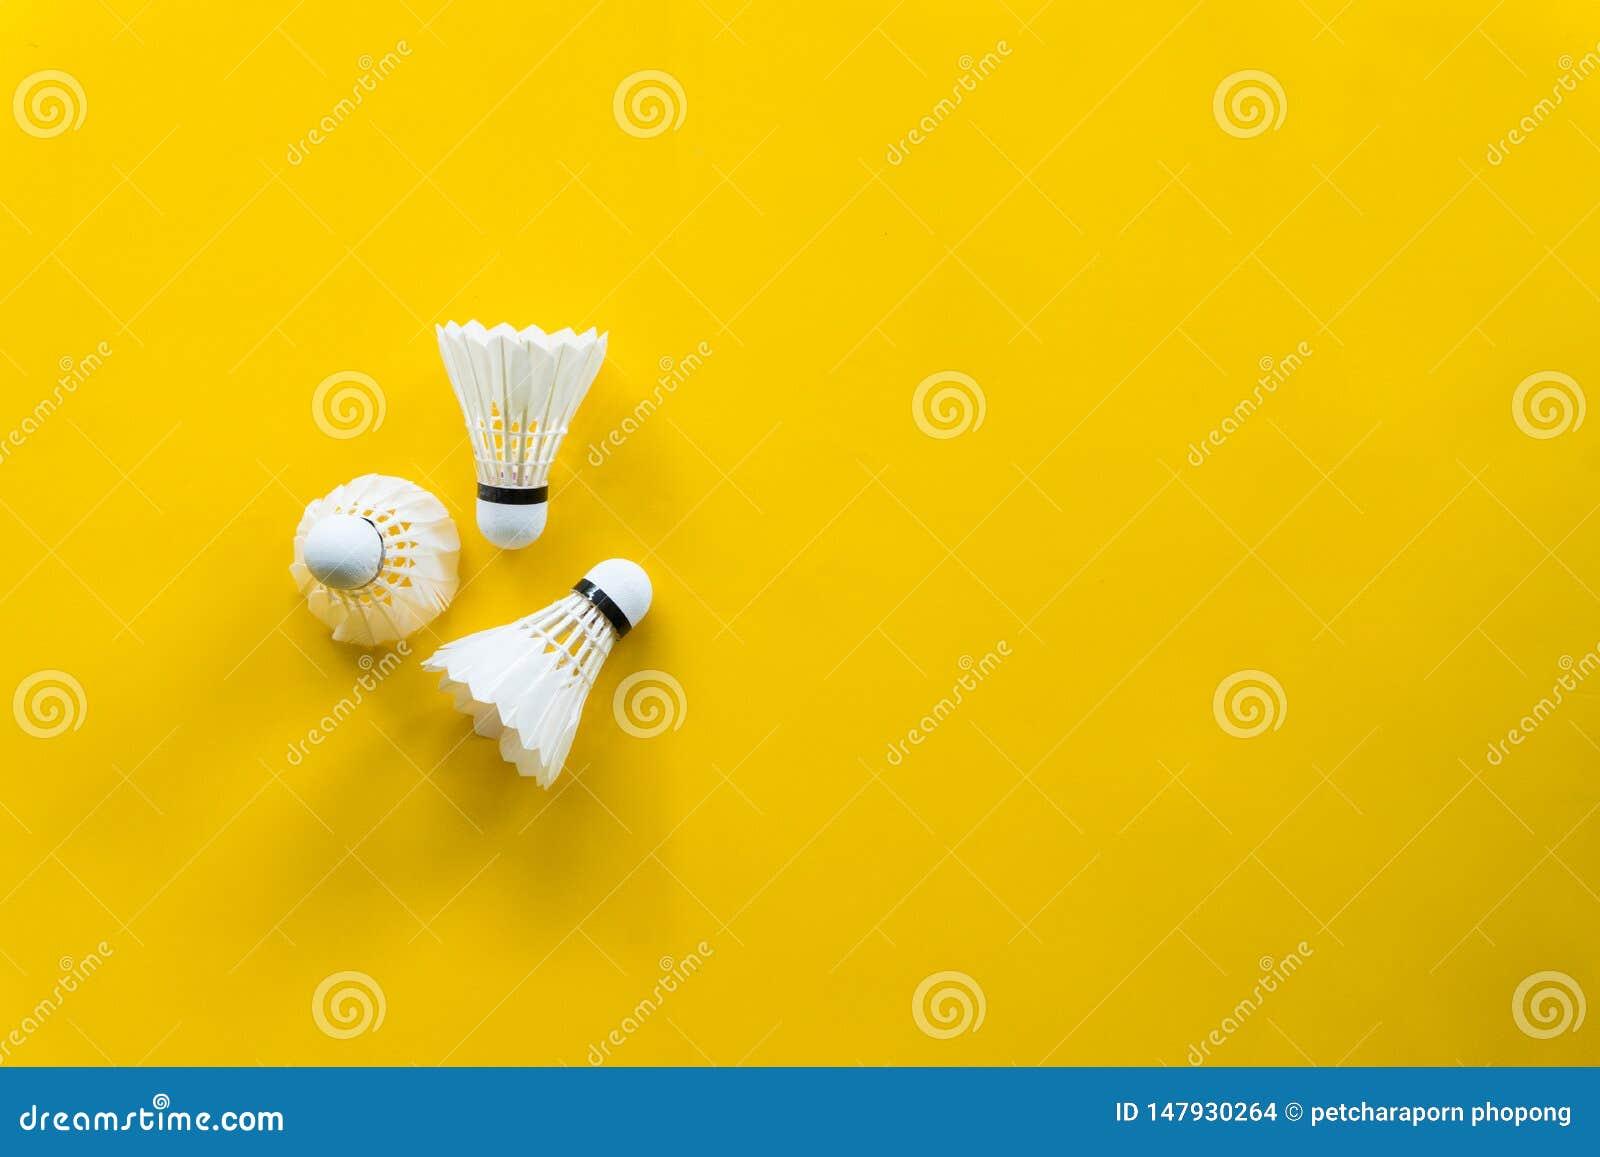 Het badminton van de pendelhaan met gele achtergrond